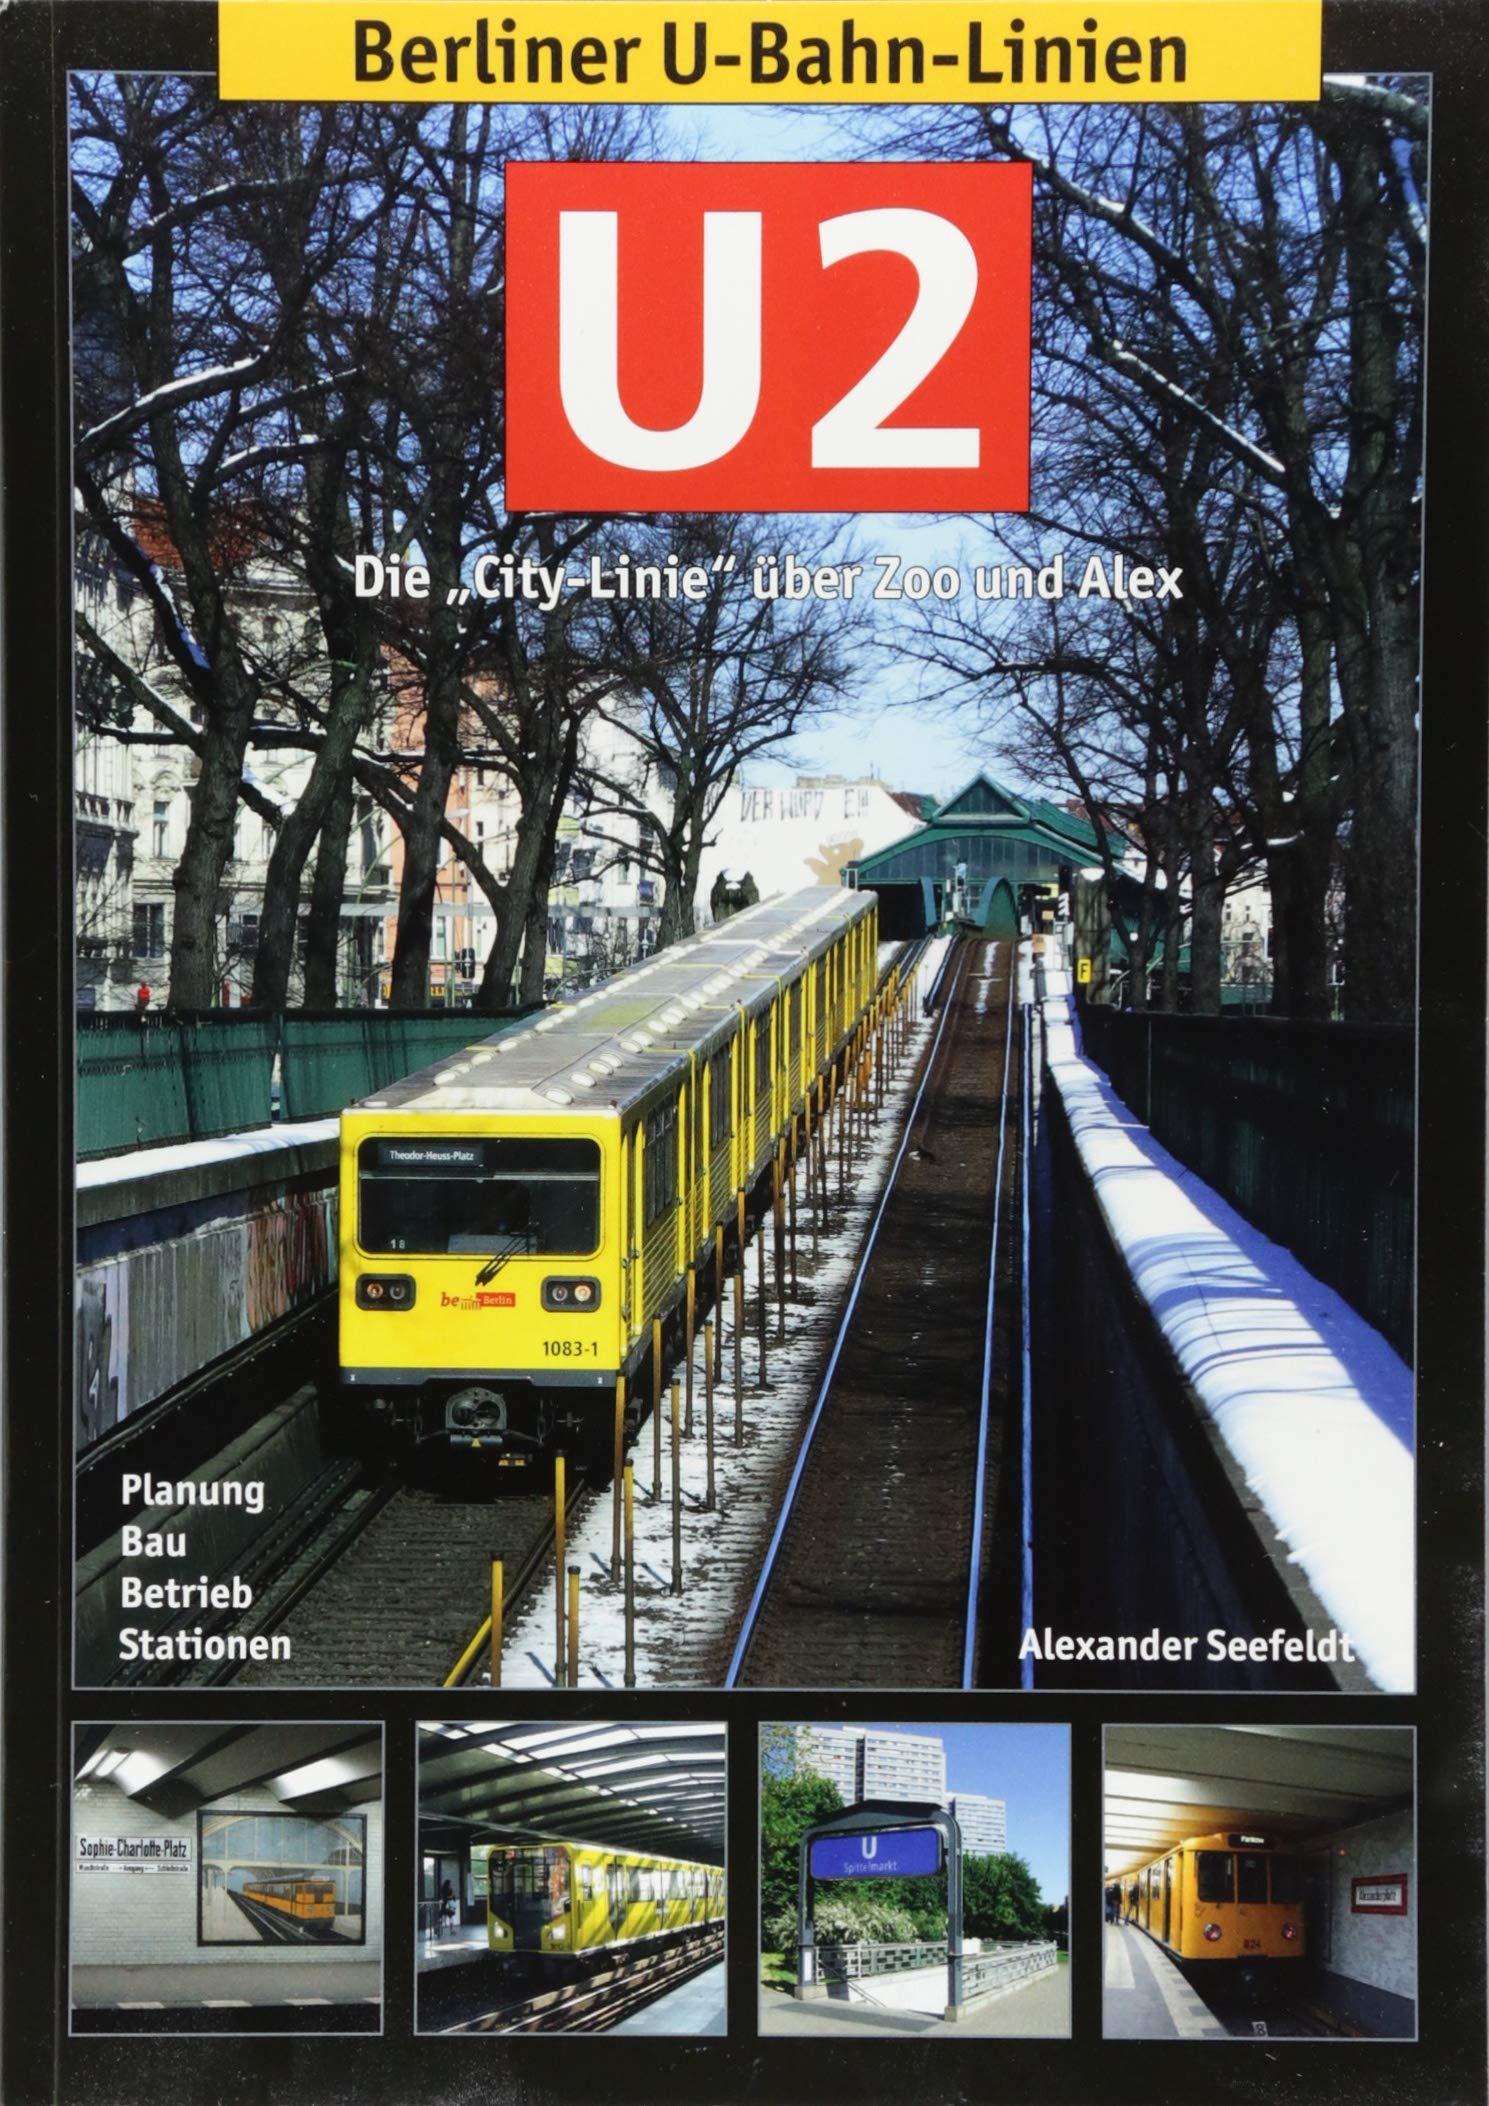 Berliner U-Bahn-Linien: U2: Die City-Linie über Zoo und Alex Taschenbuch – 27. November 2017 Alexander Seefeldt Schwandl Robert 3936573530